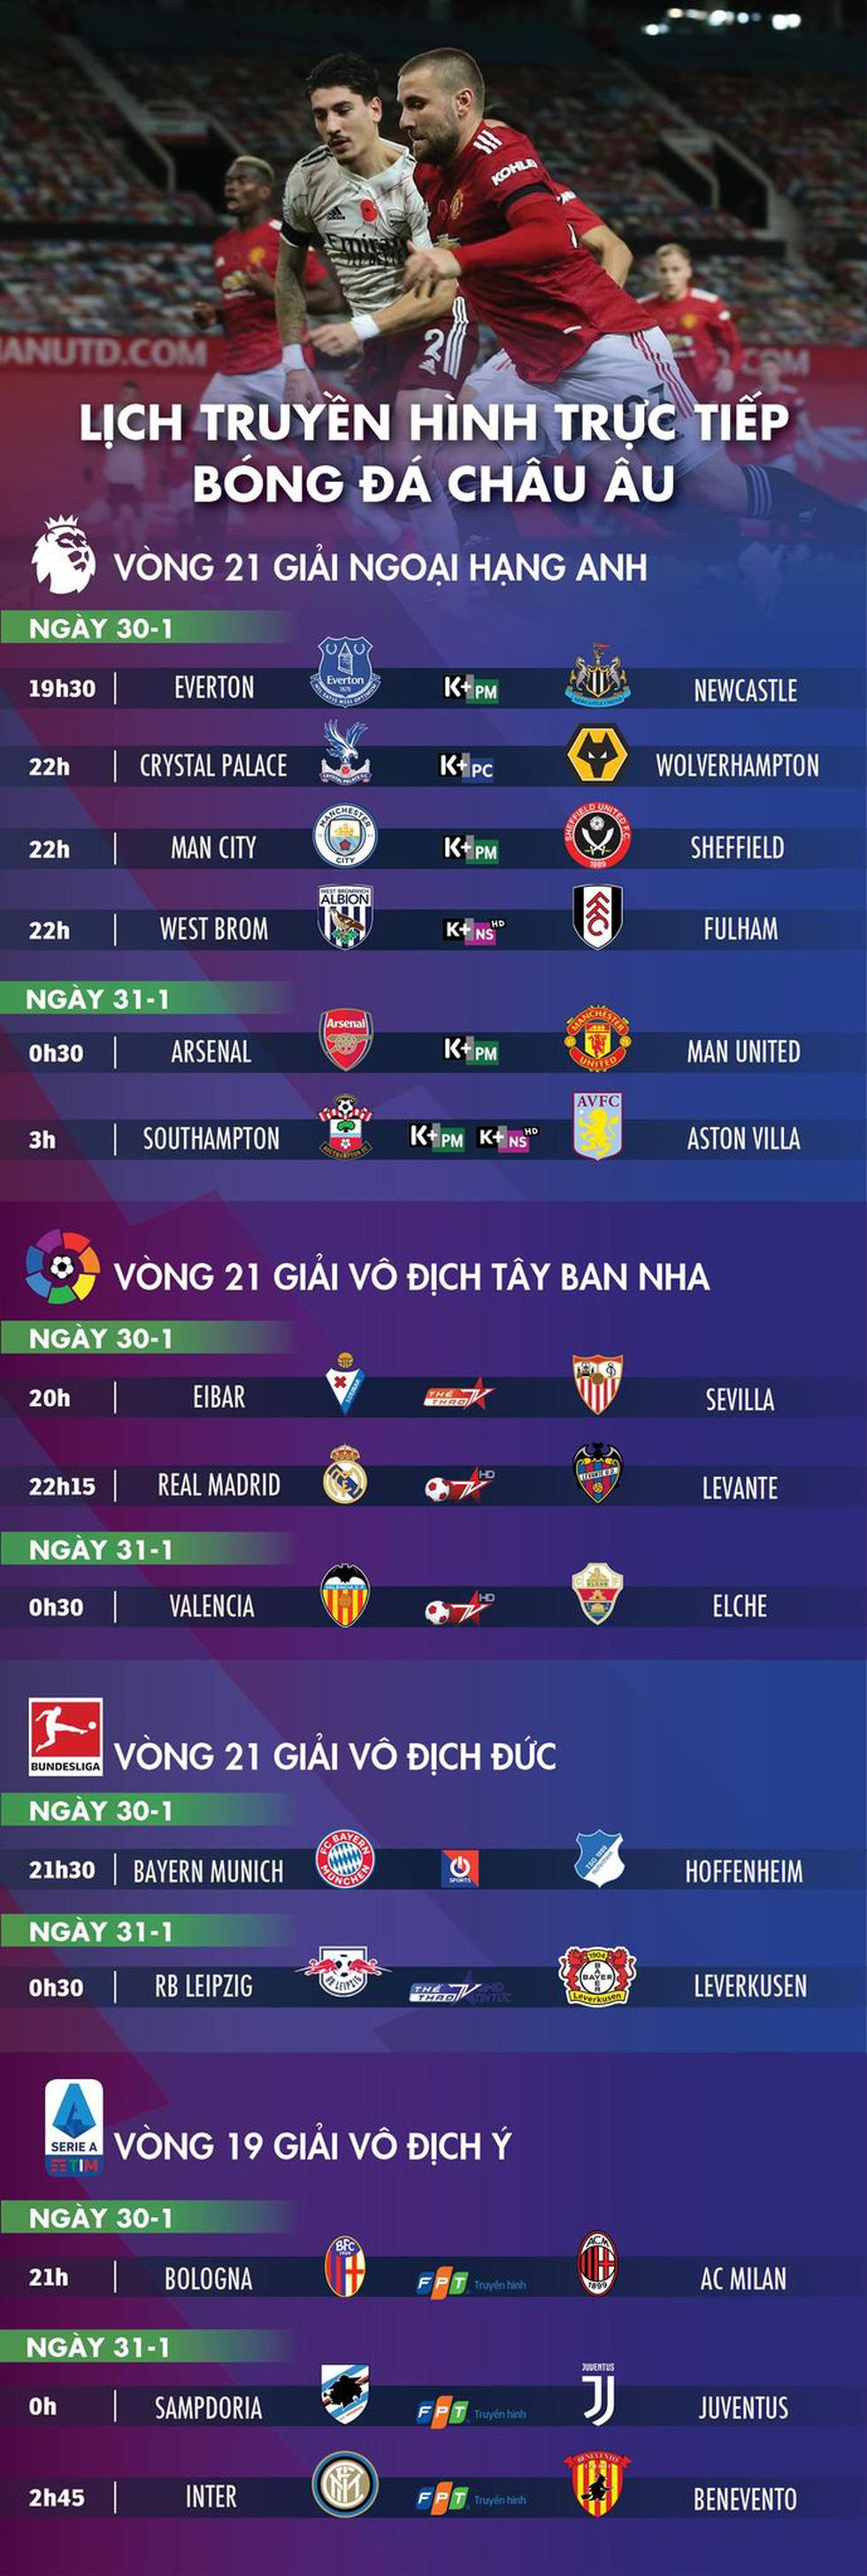 Lịch trực tiếp bóng đá châu Âu 30-1: Tâm điểm Man United - Arsenal - Ảnh 1.